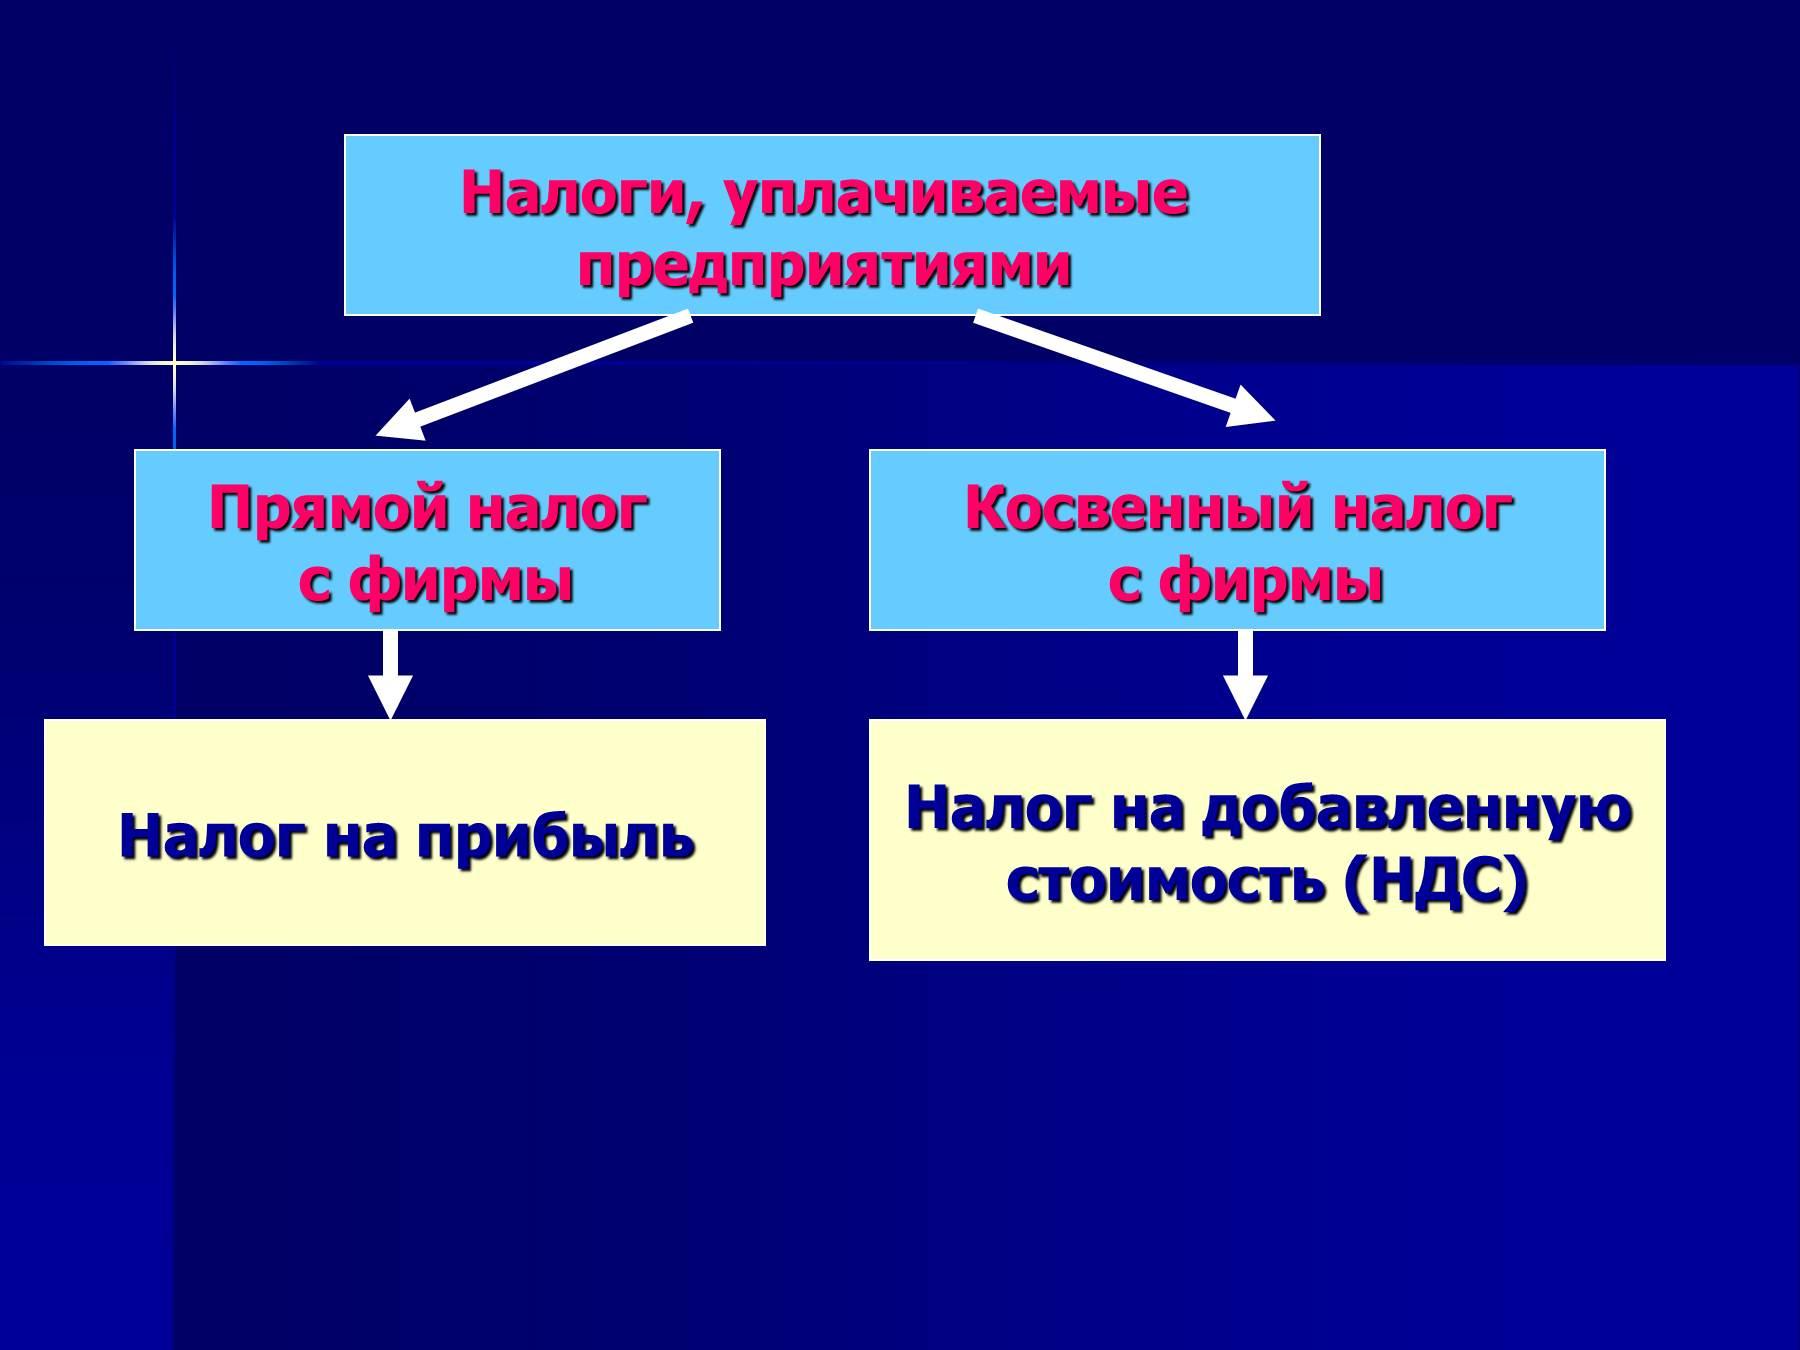 Налог на прибыль организации в схемах